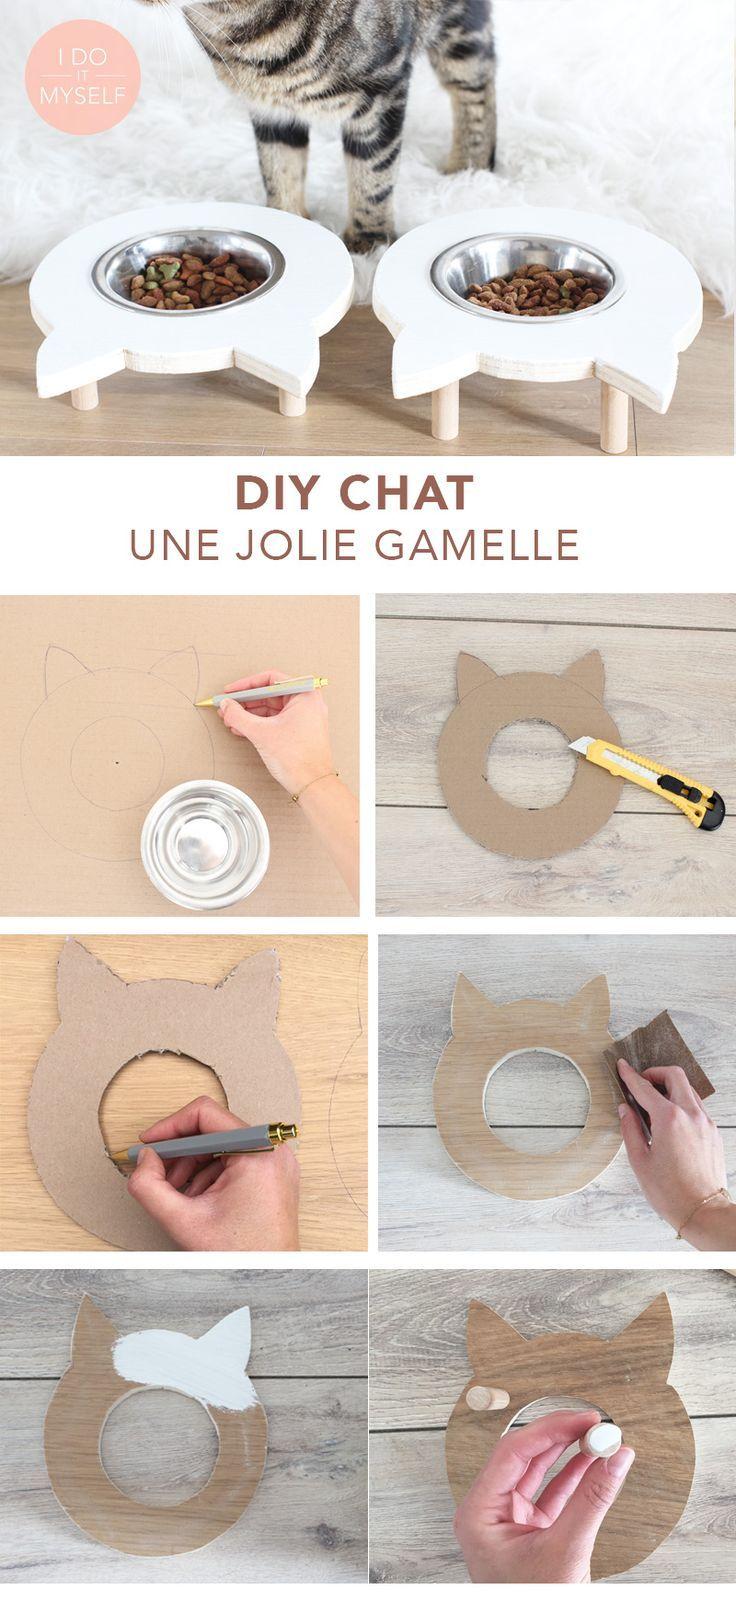 CAT DIY: Create a cute bowl for your cat! DIY CAT: Create a beautiful door … #diyforpets #make #katze #cute …